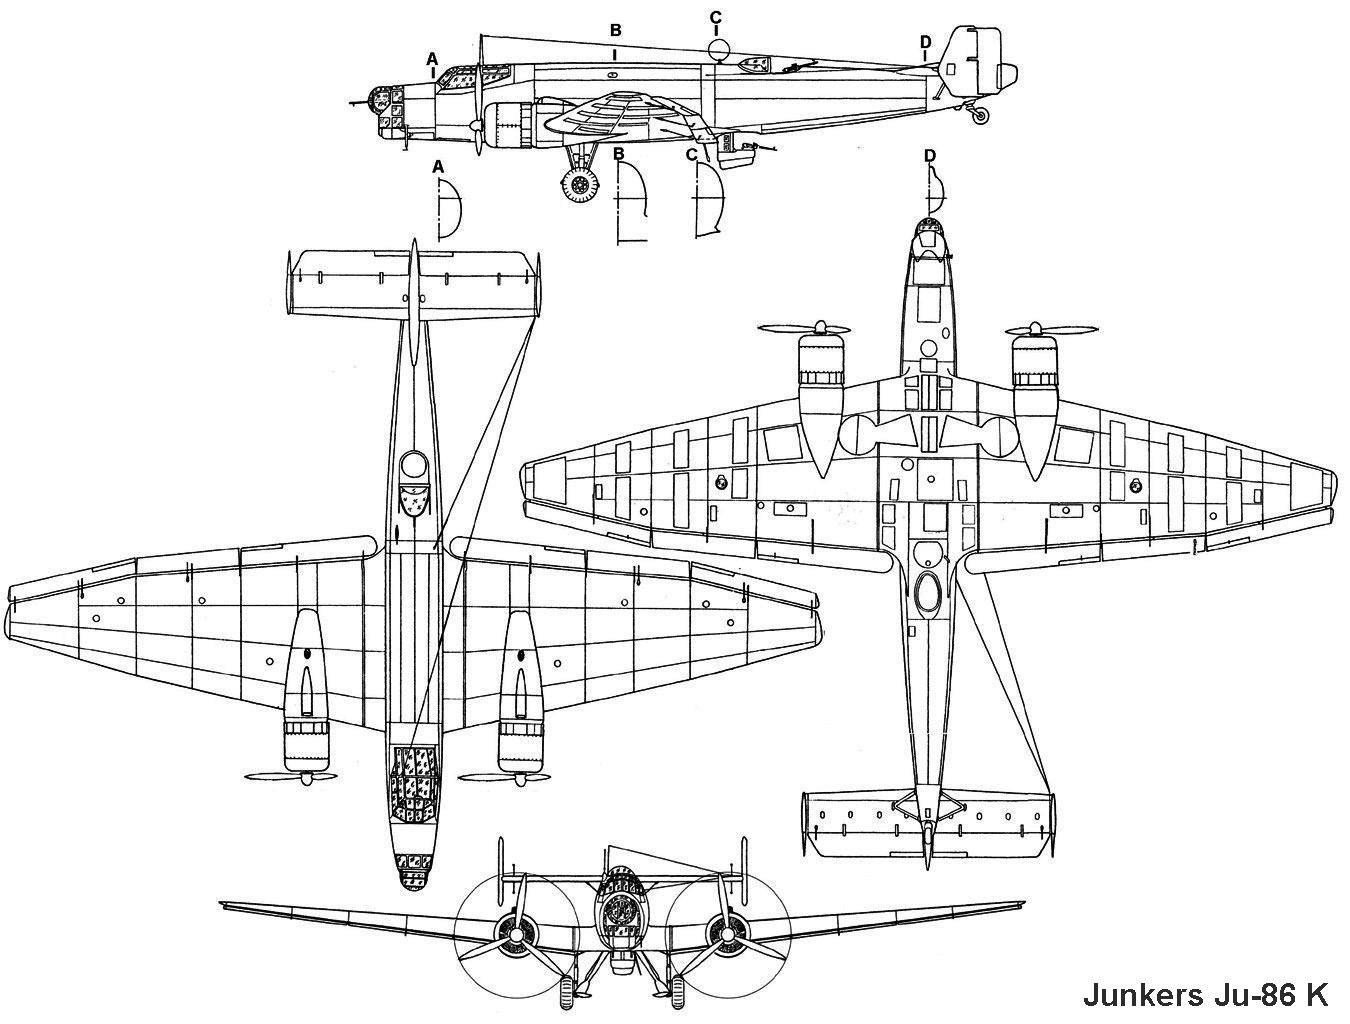 Чертеж бомбардировщика юнкерс Ju-86